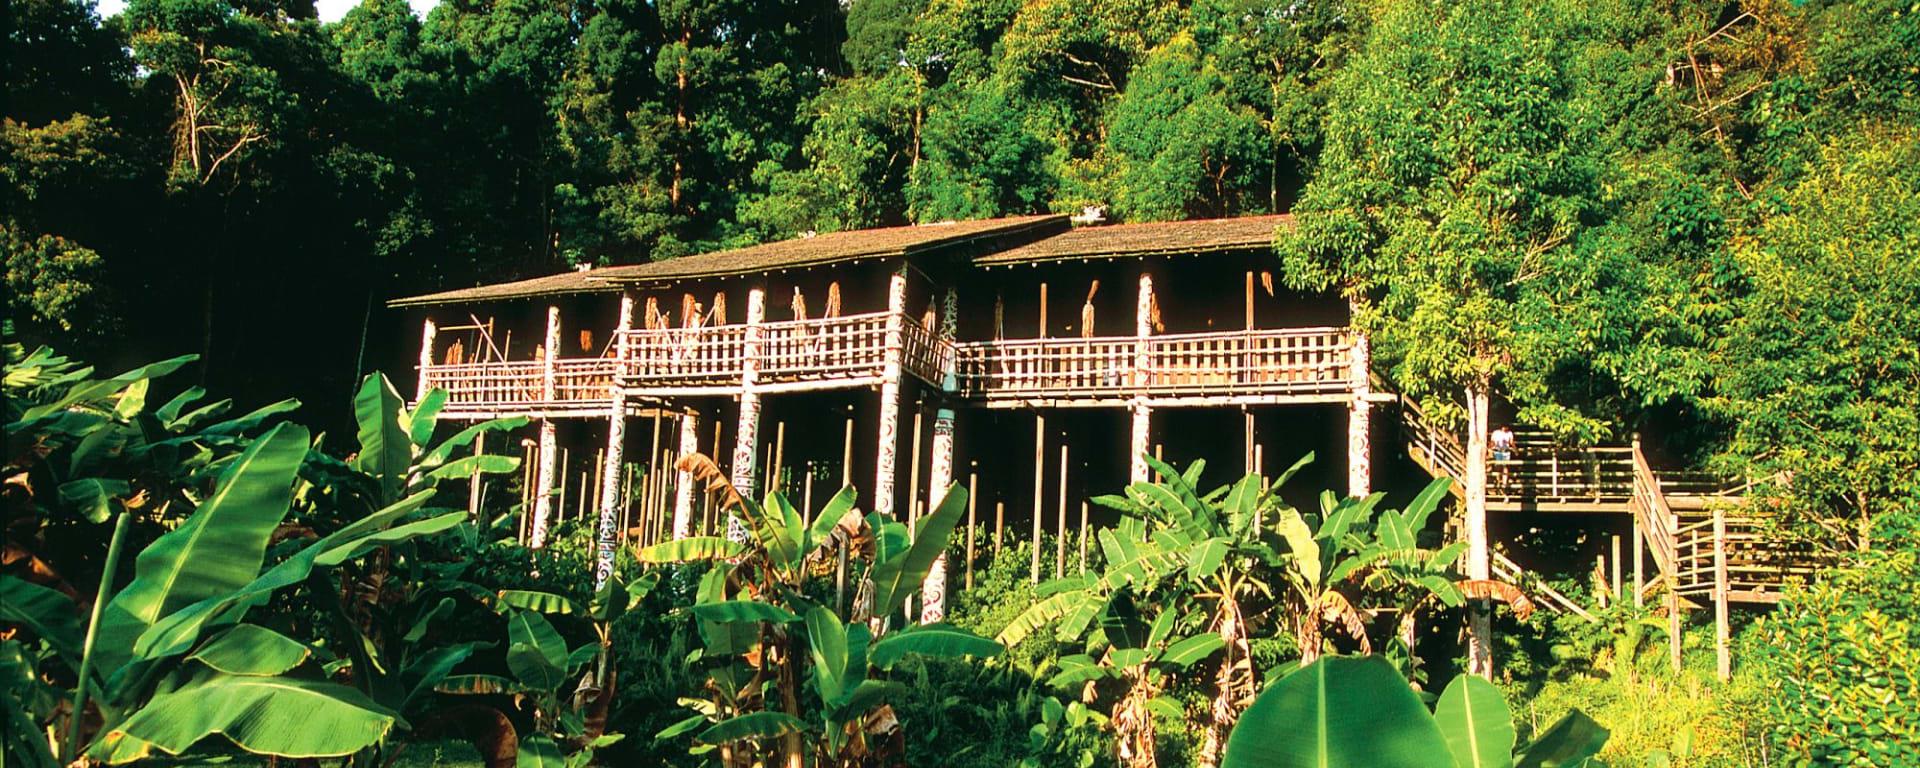 Les hauts lieux de Bornéo option longhouse de Kuching: Traditional Longhouse